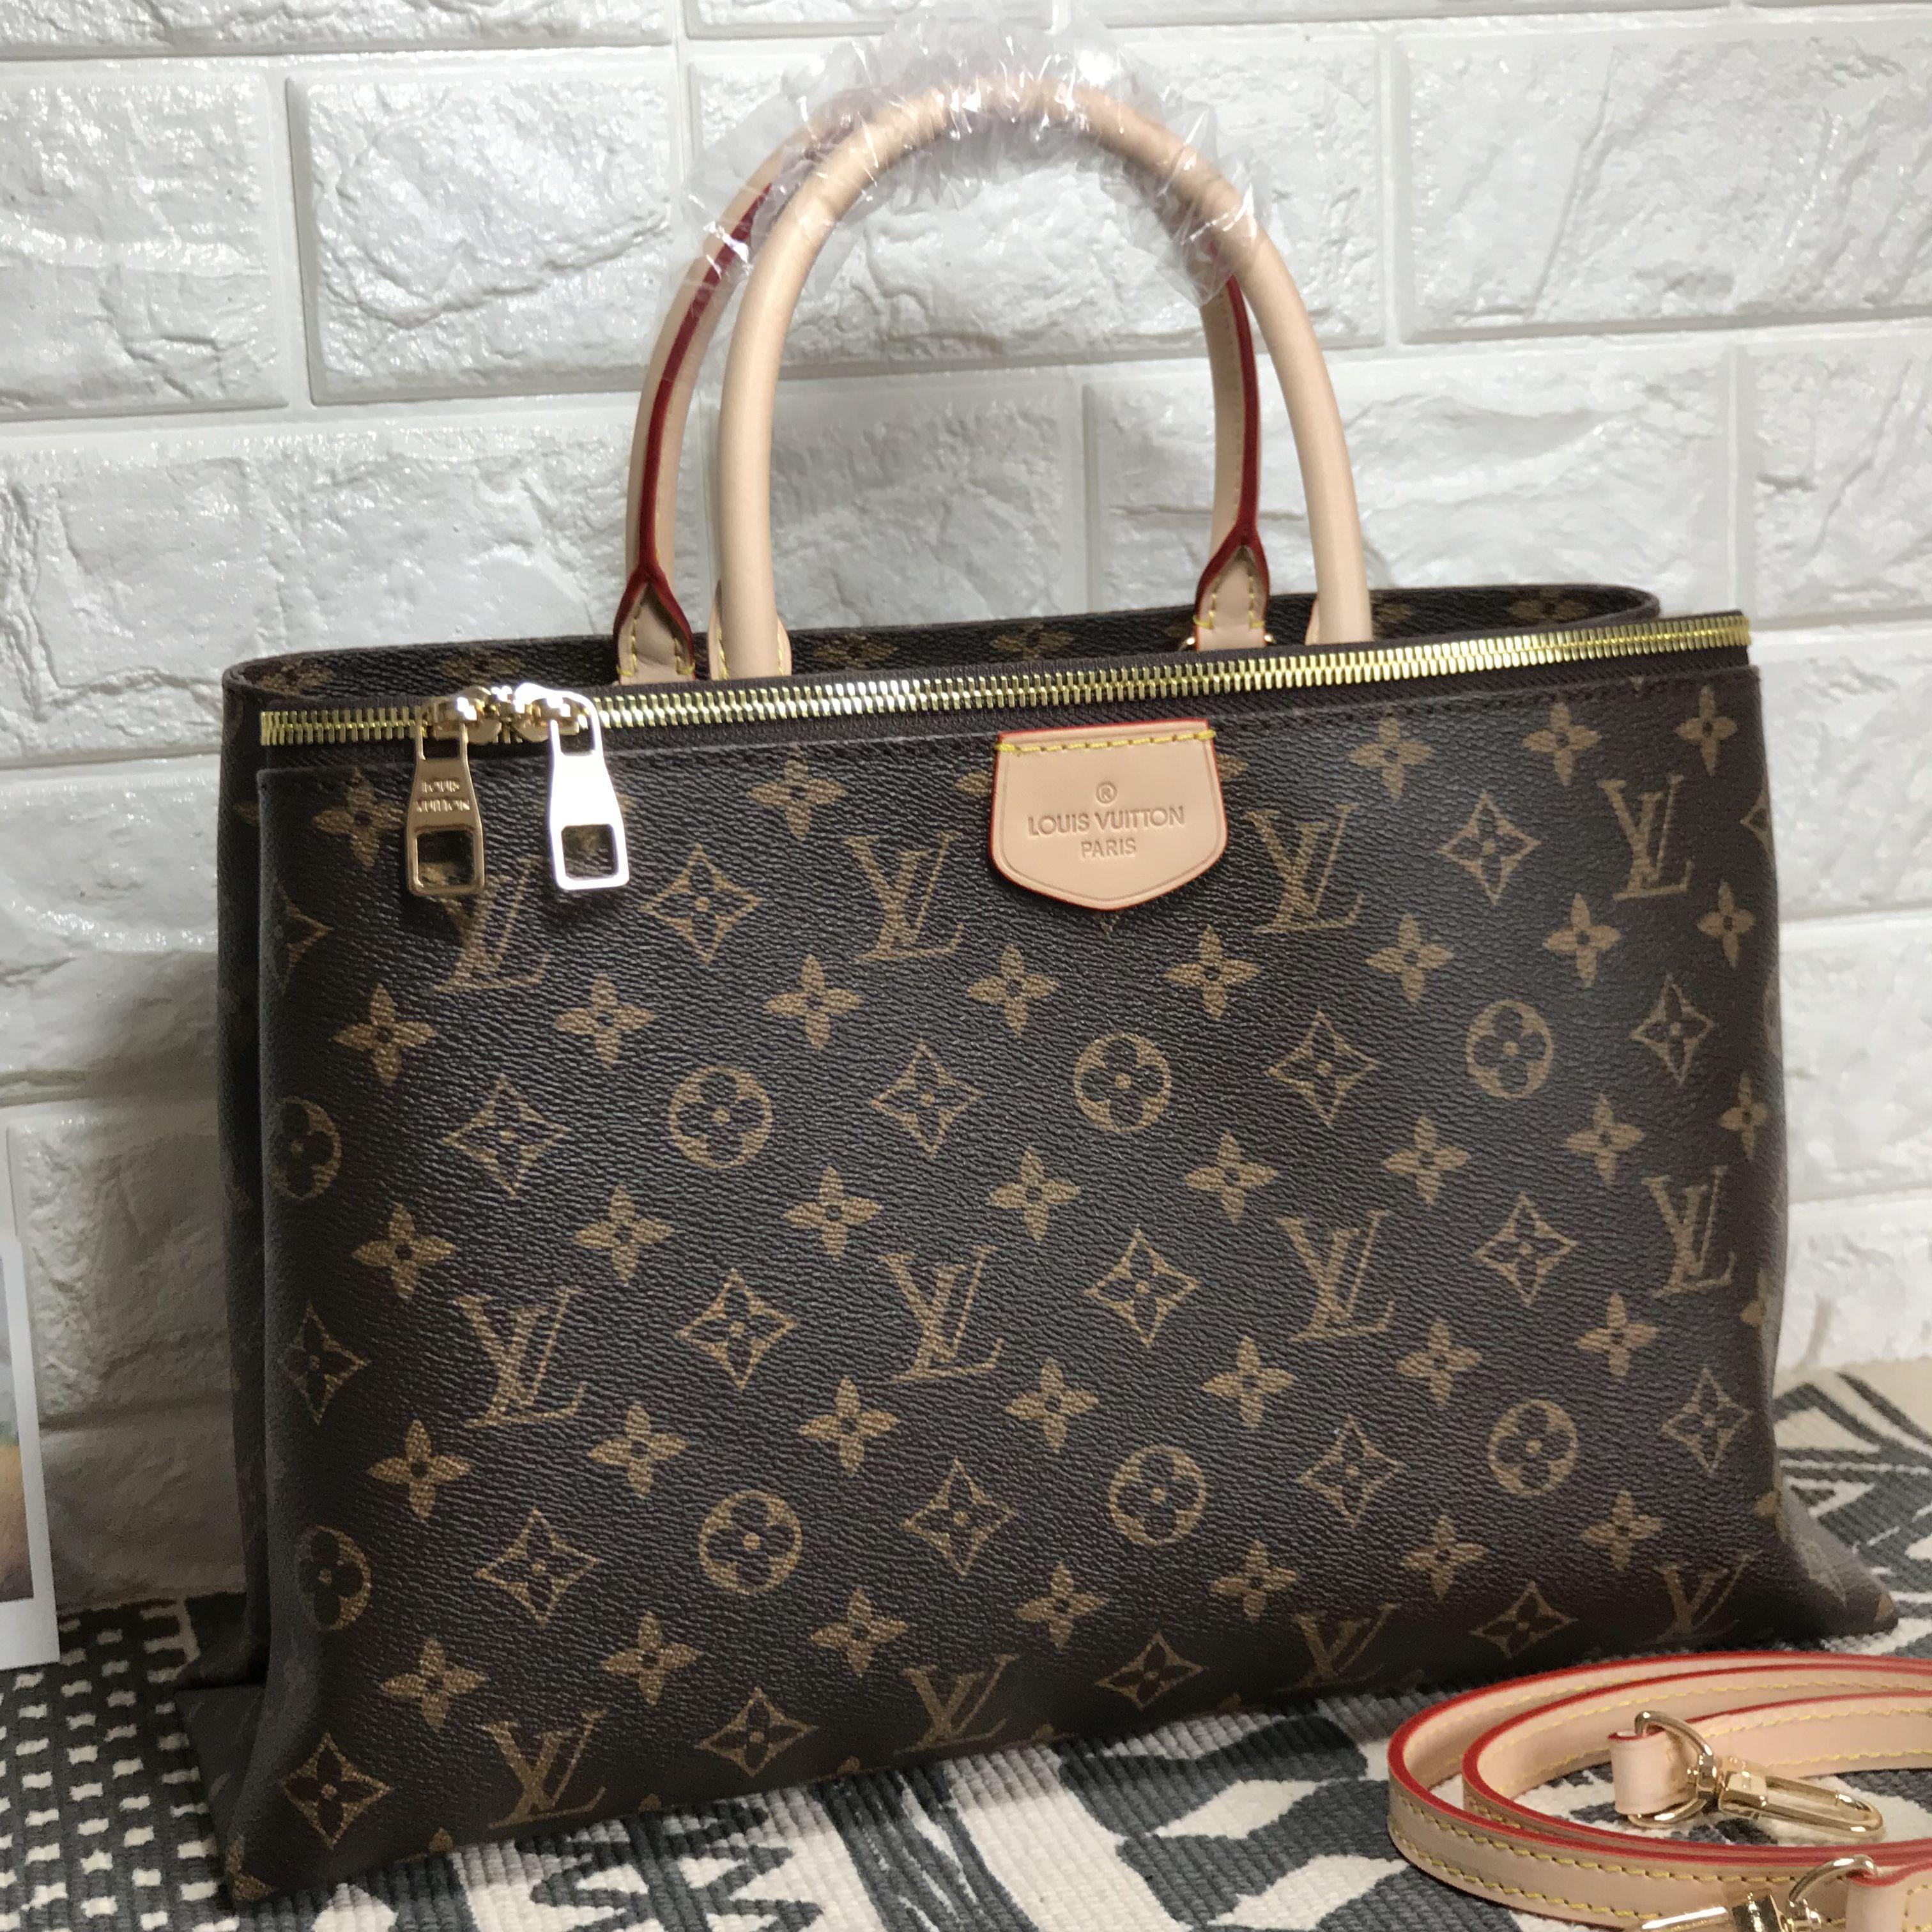 70a97b9715a2 Louis Vuitton lv rivoli tote bag monogram oxidized leather version ...